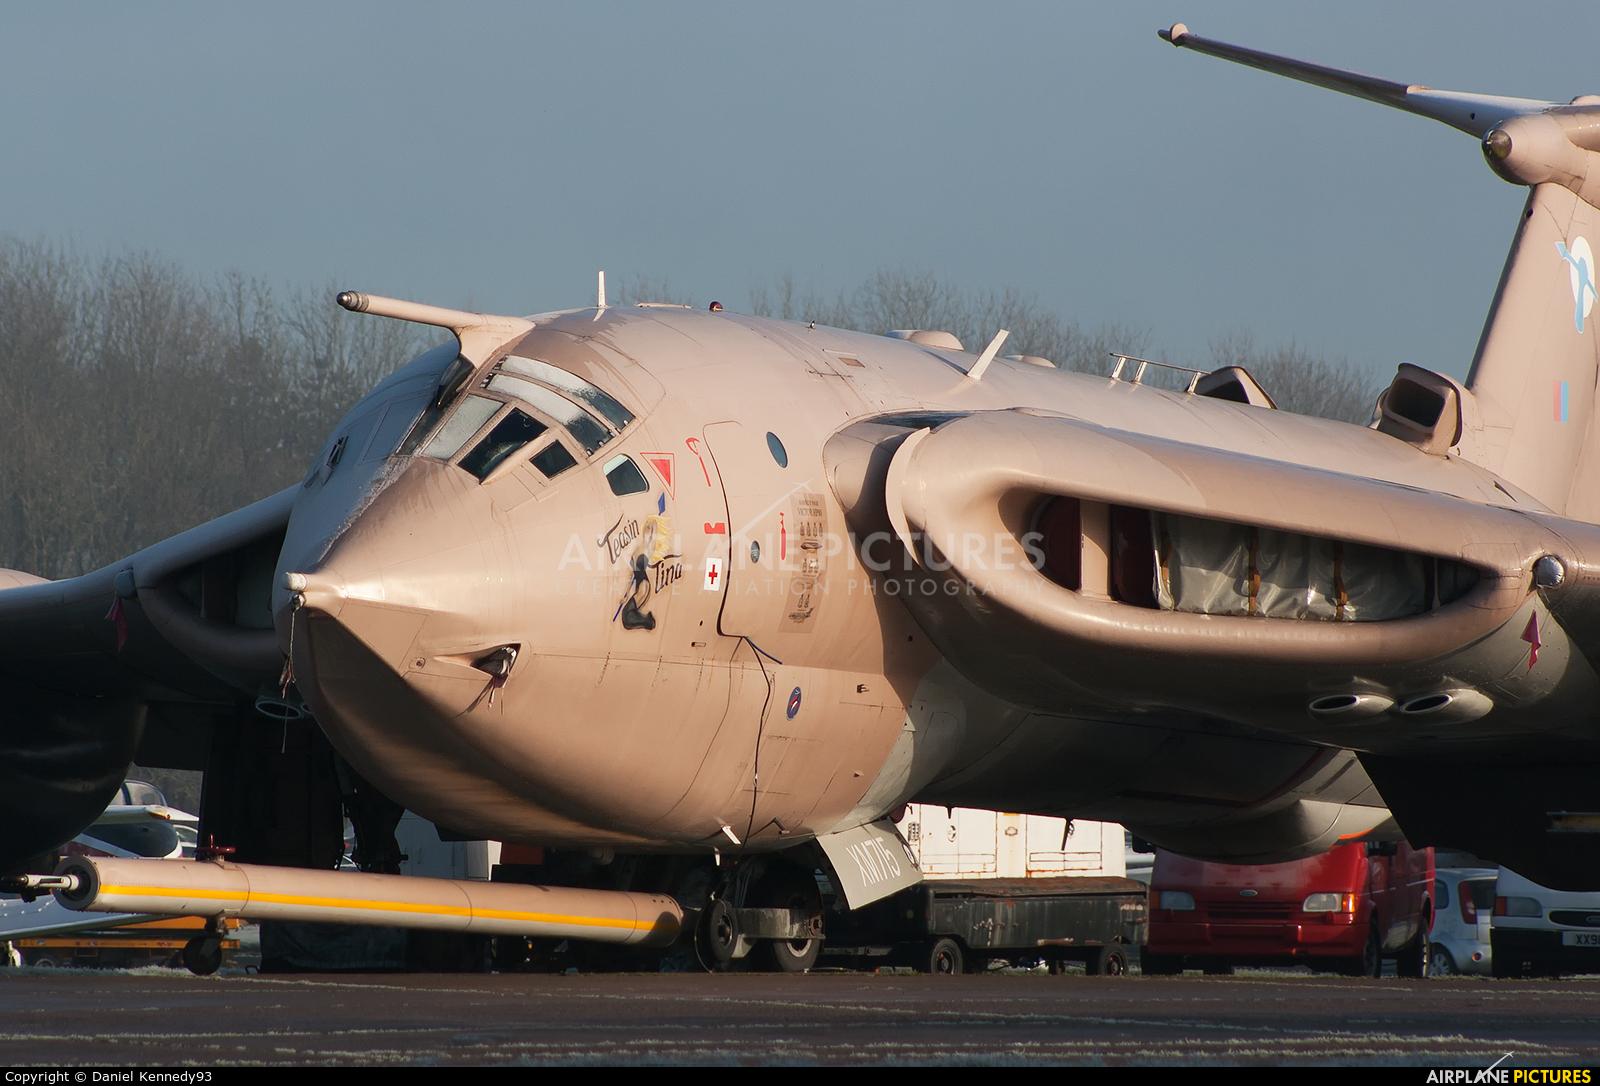 Royal Air Force XM715 aircraft at Bruntingthorpe